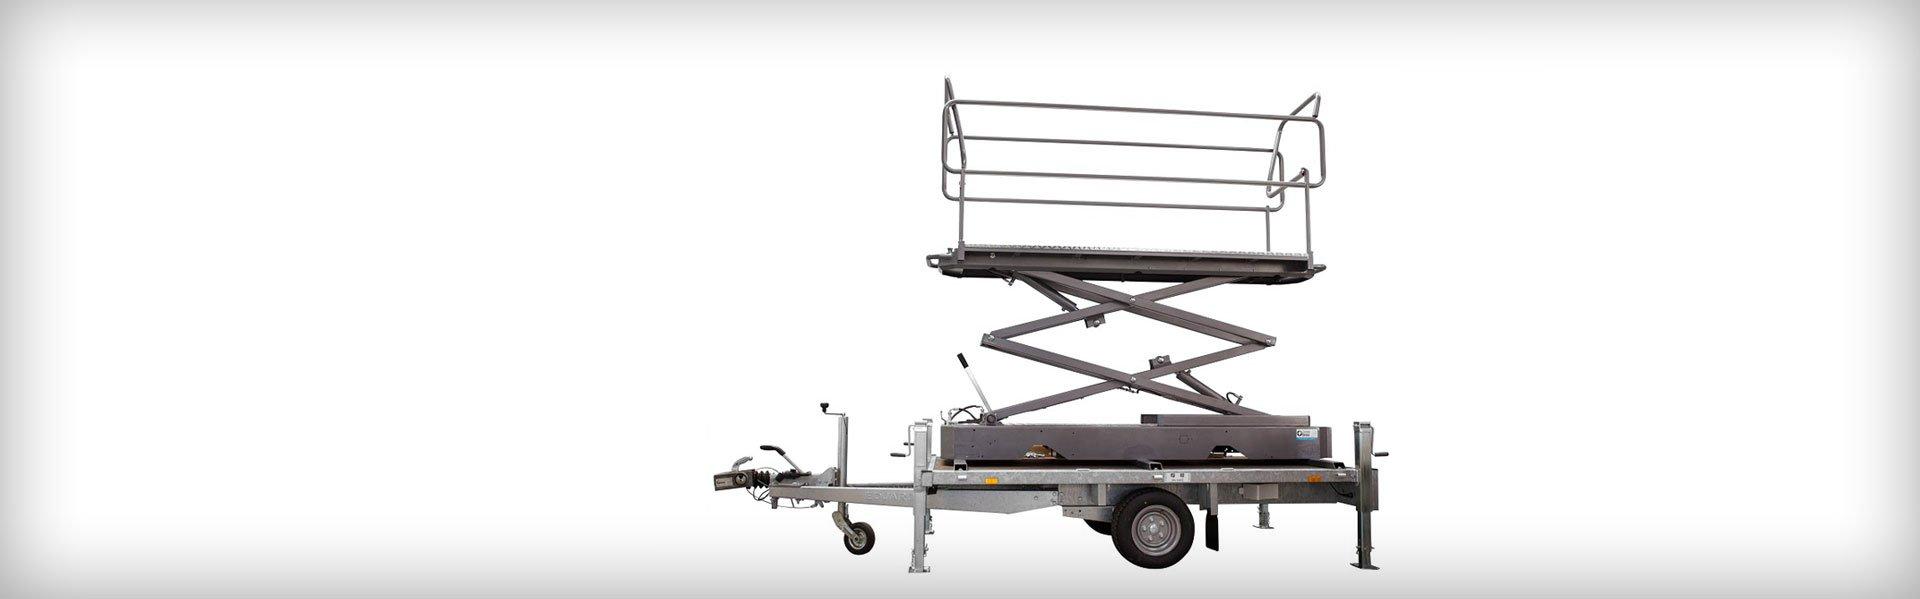 Steenks ontwikkelt aanhangwagen met hoogwerker voor Transavia